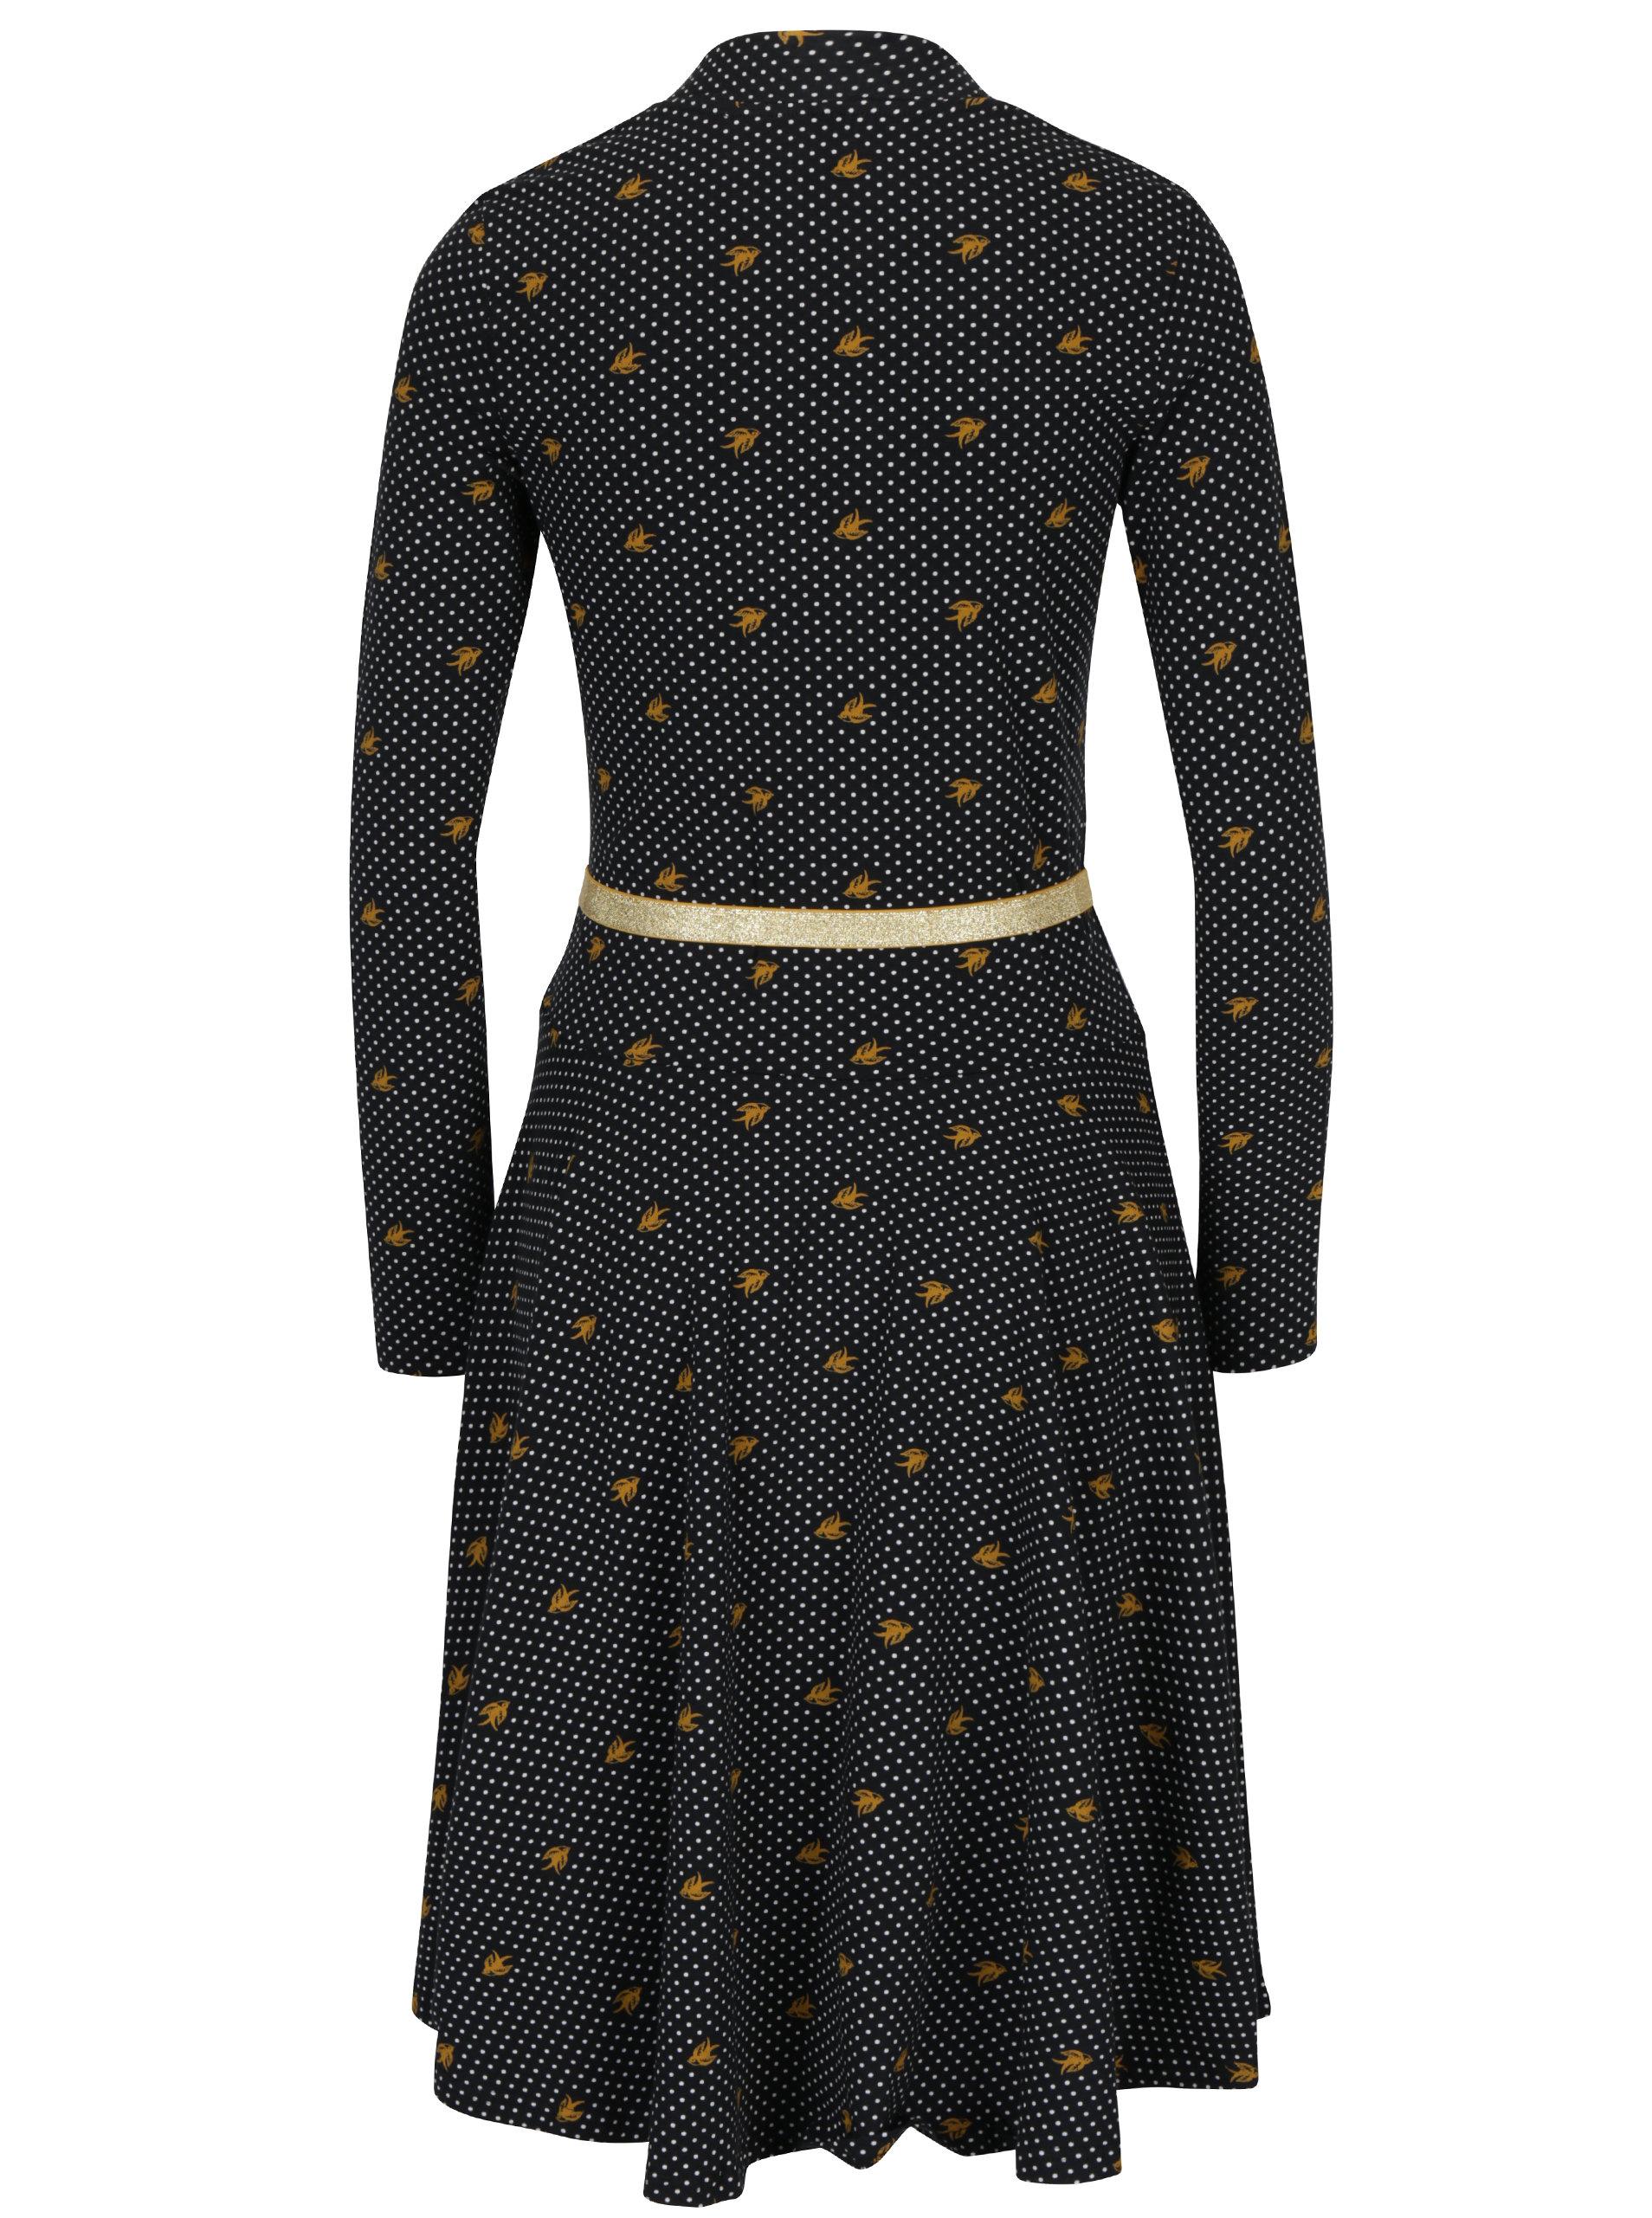 6d2639c2e209 Černé vzorované šaty s dlouhým rukávem Blutsgeschwister ...